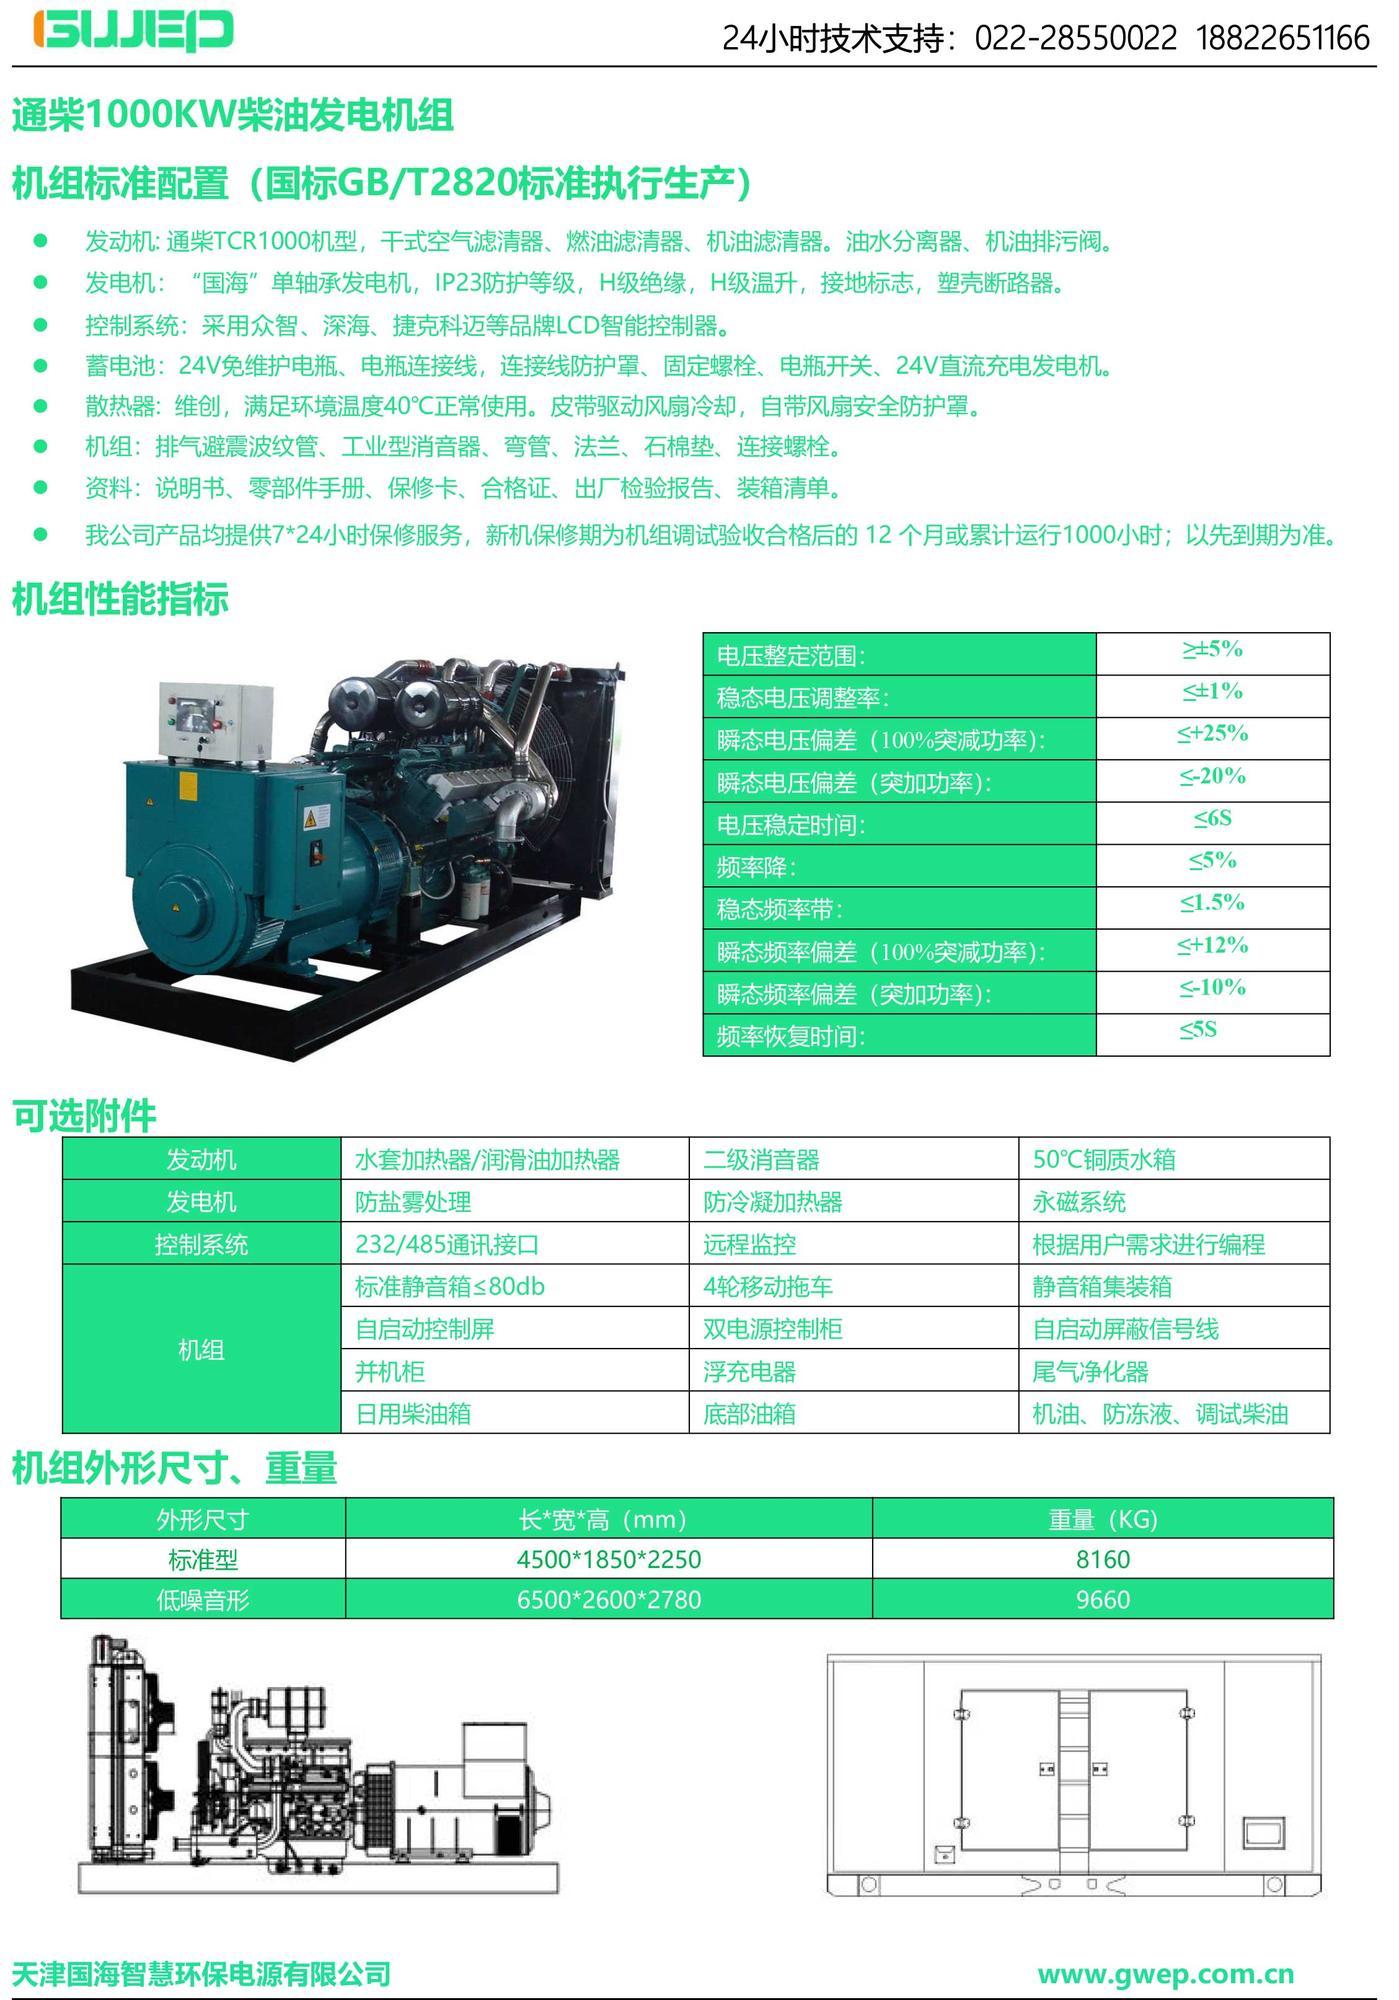 通柴1000KW发电机组技术资料-1.jpg